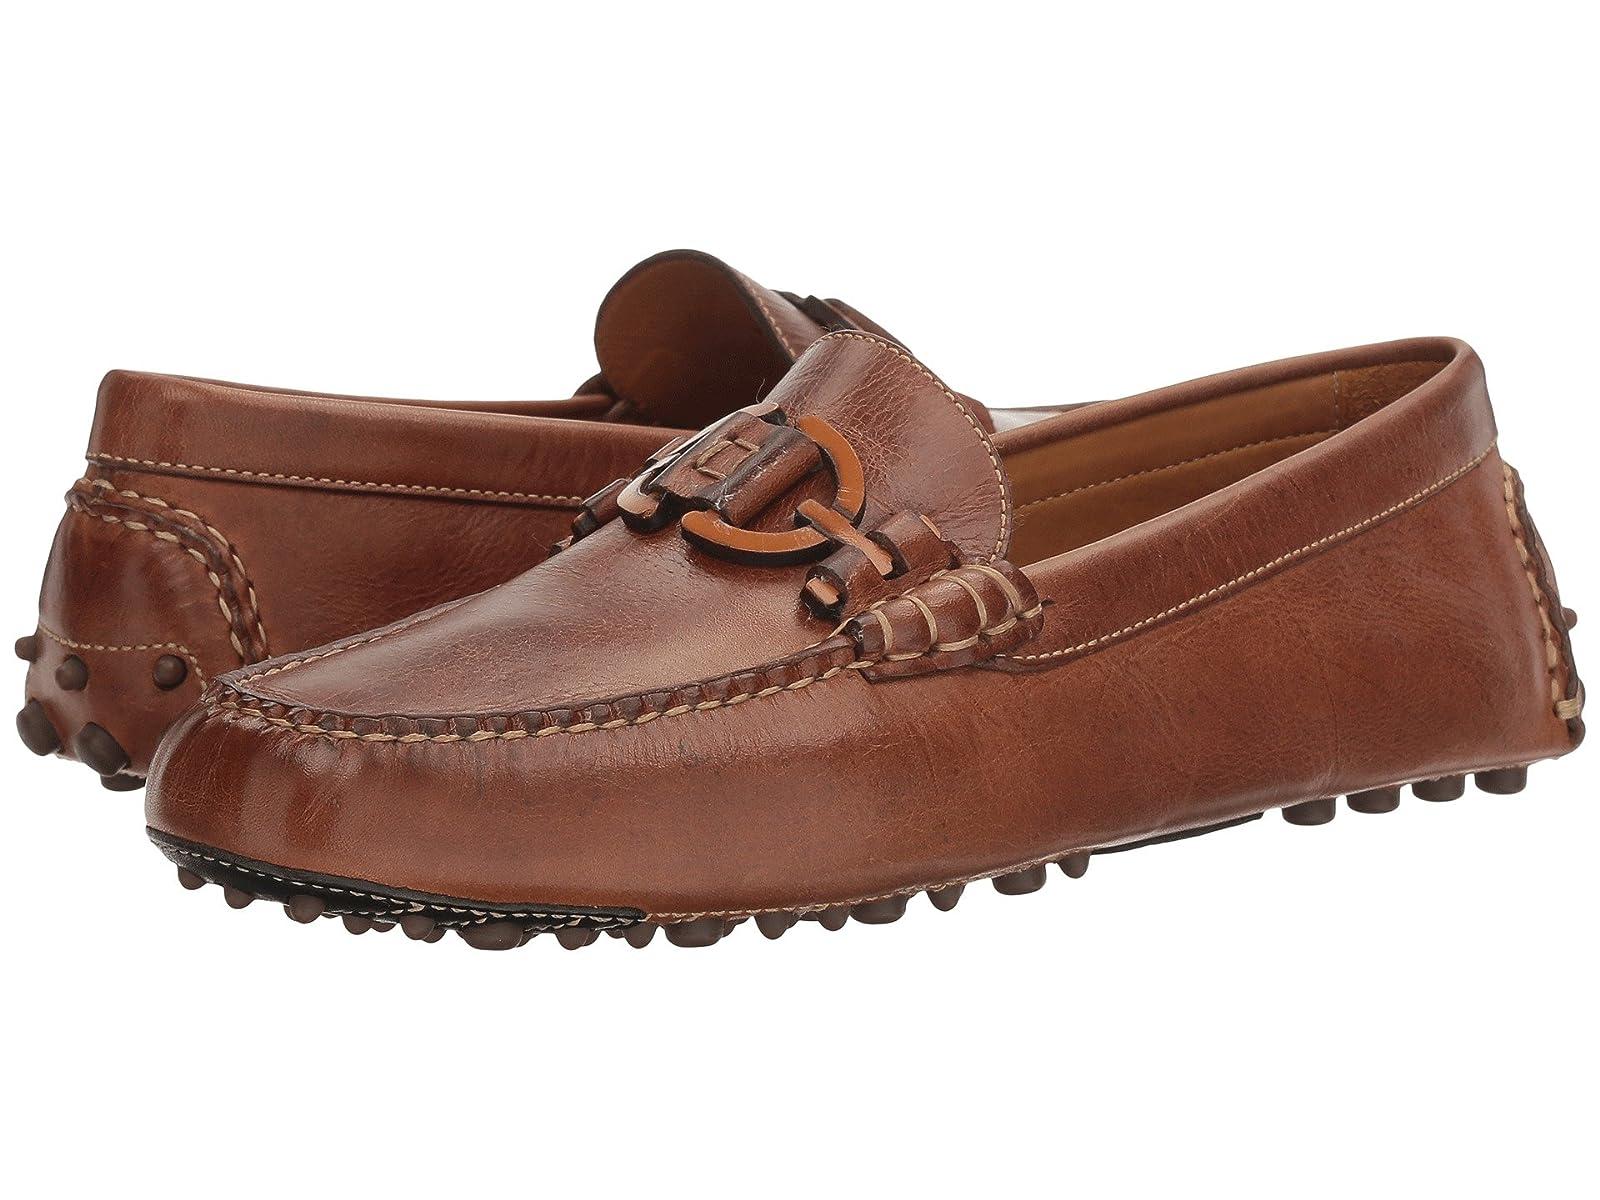 Donald J Pliner RielAtmospheric grades have affordable shoes